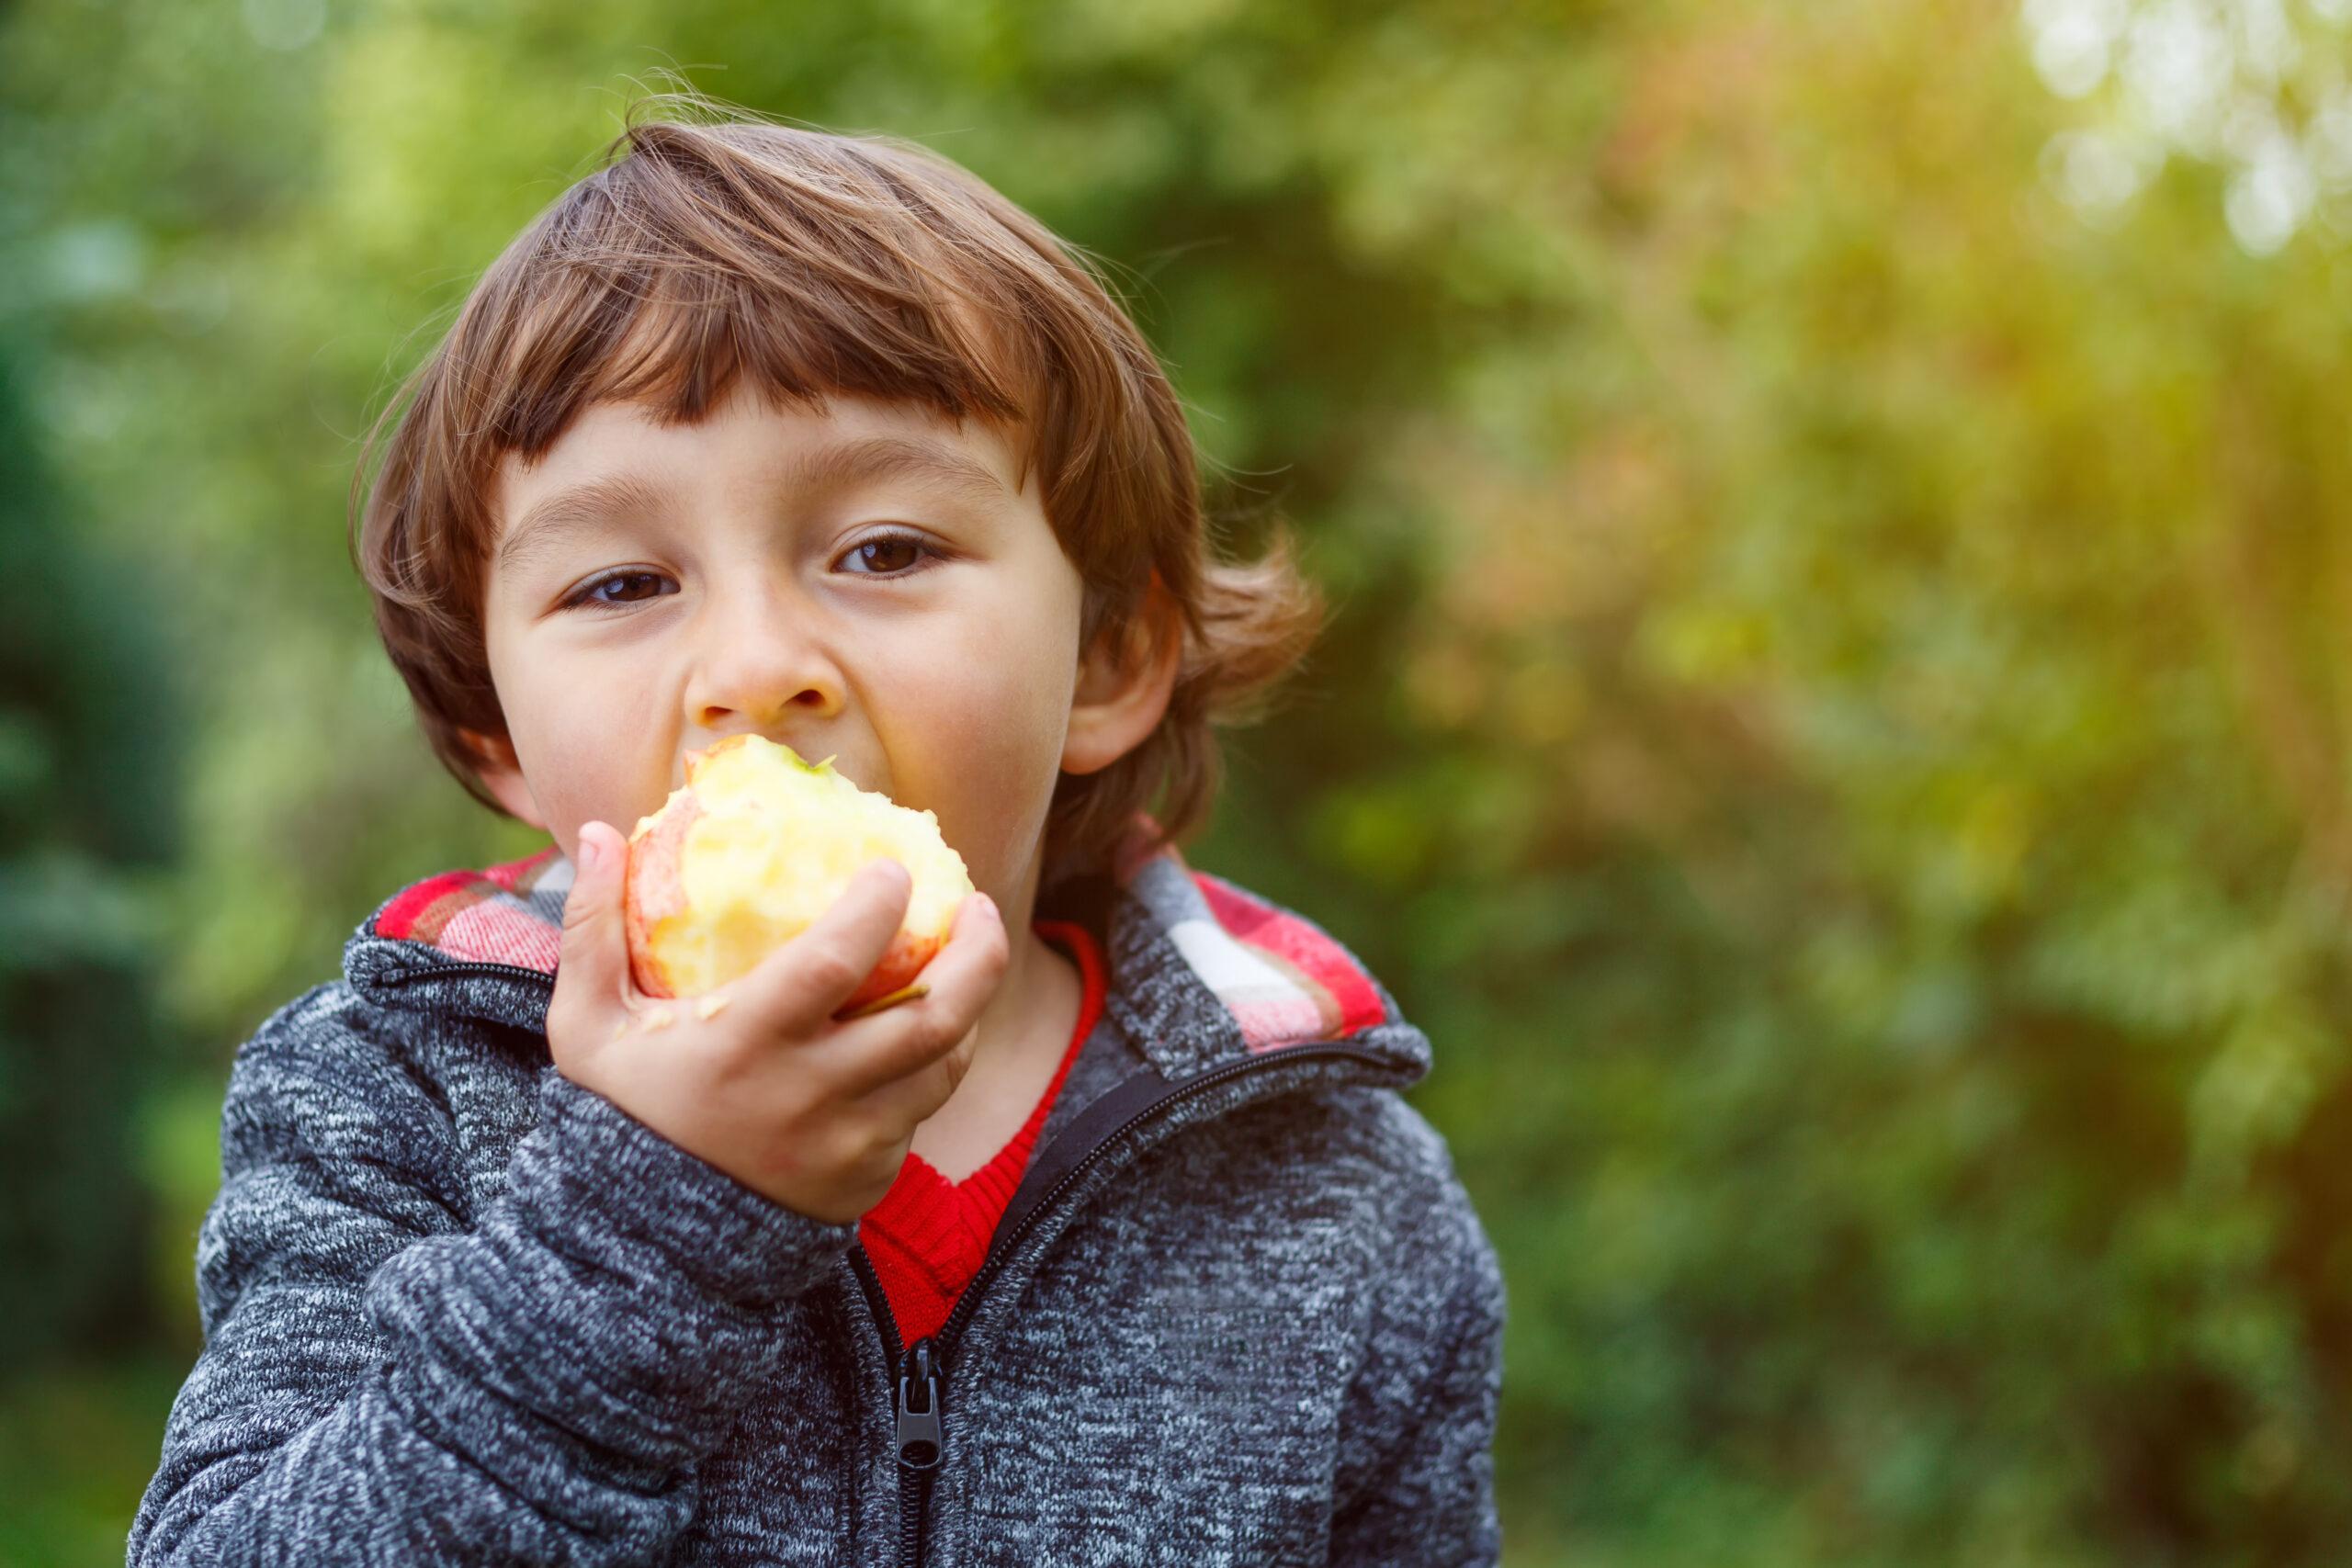 Wat is de invloed van voeding op druk, impulsief en ongeconcentreerd gedrag?